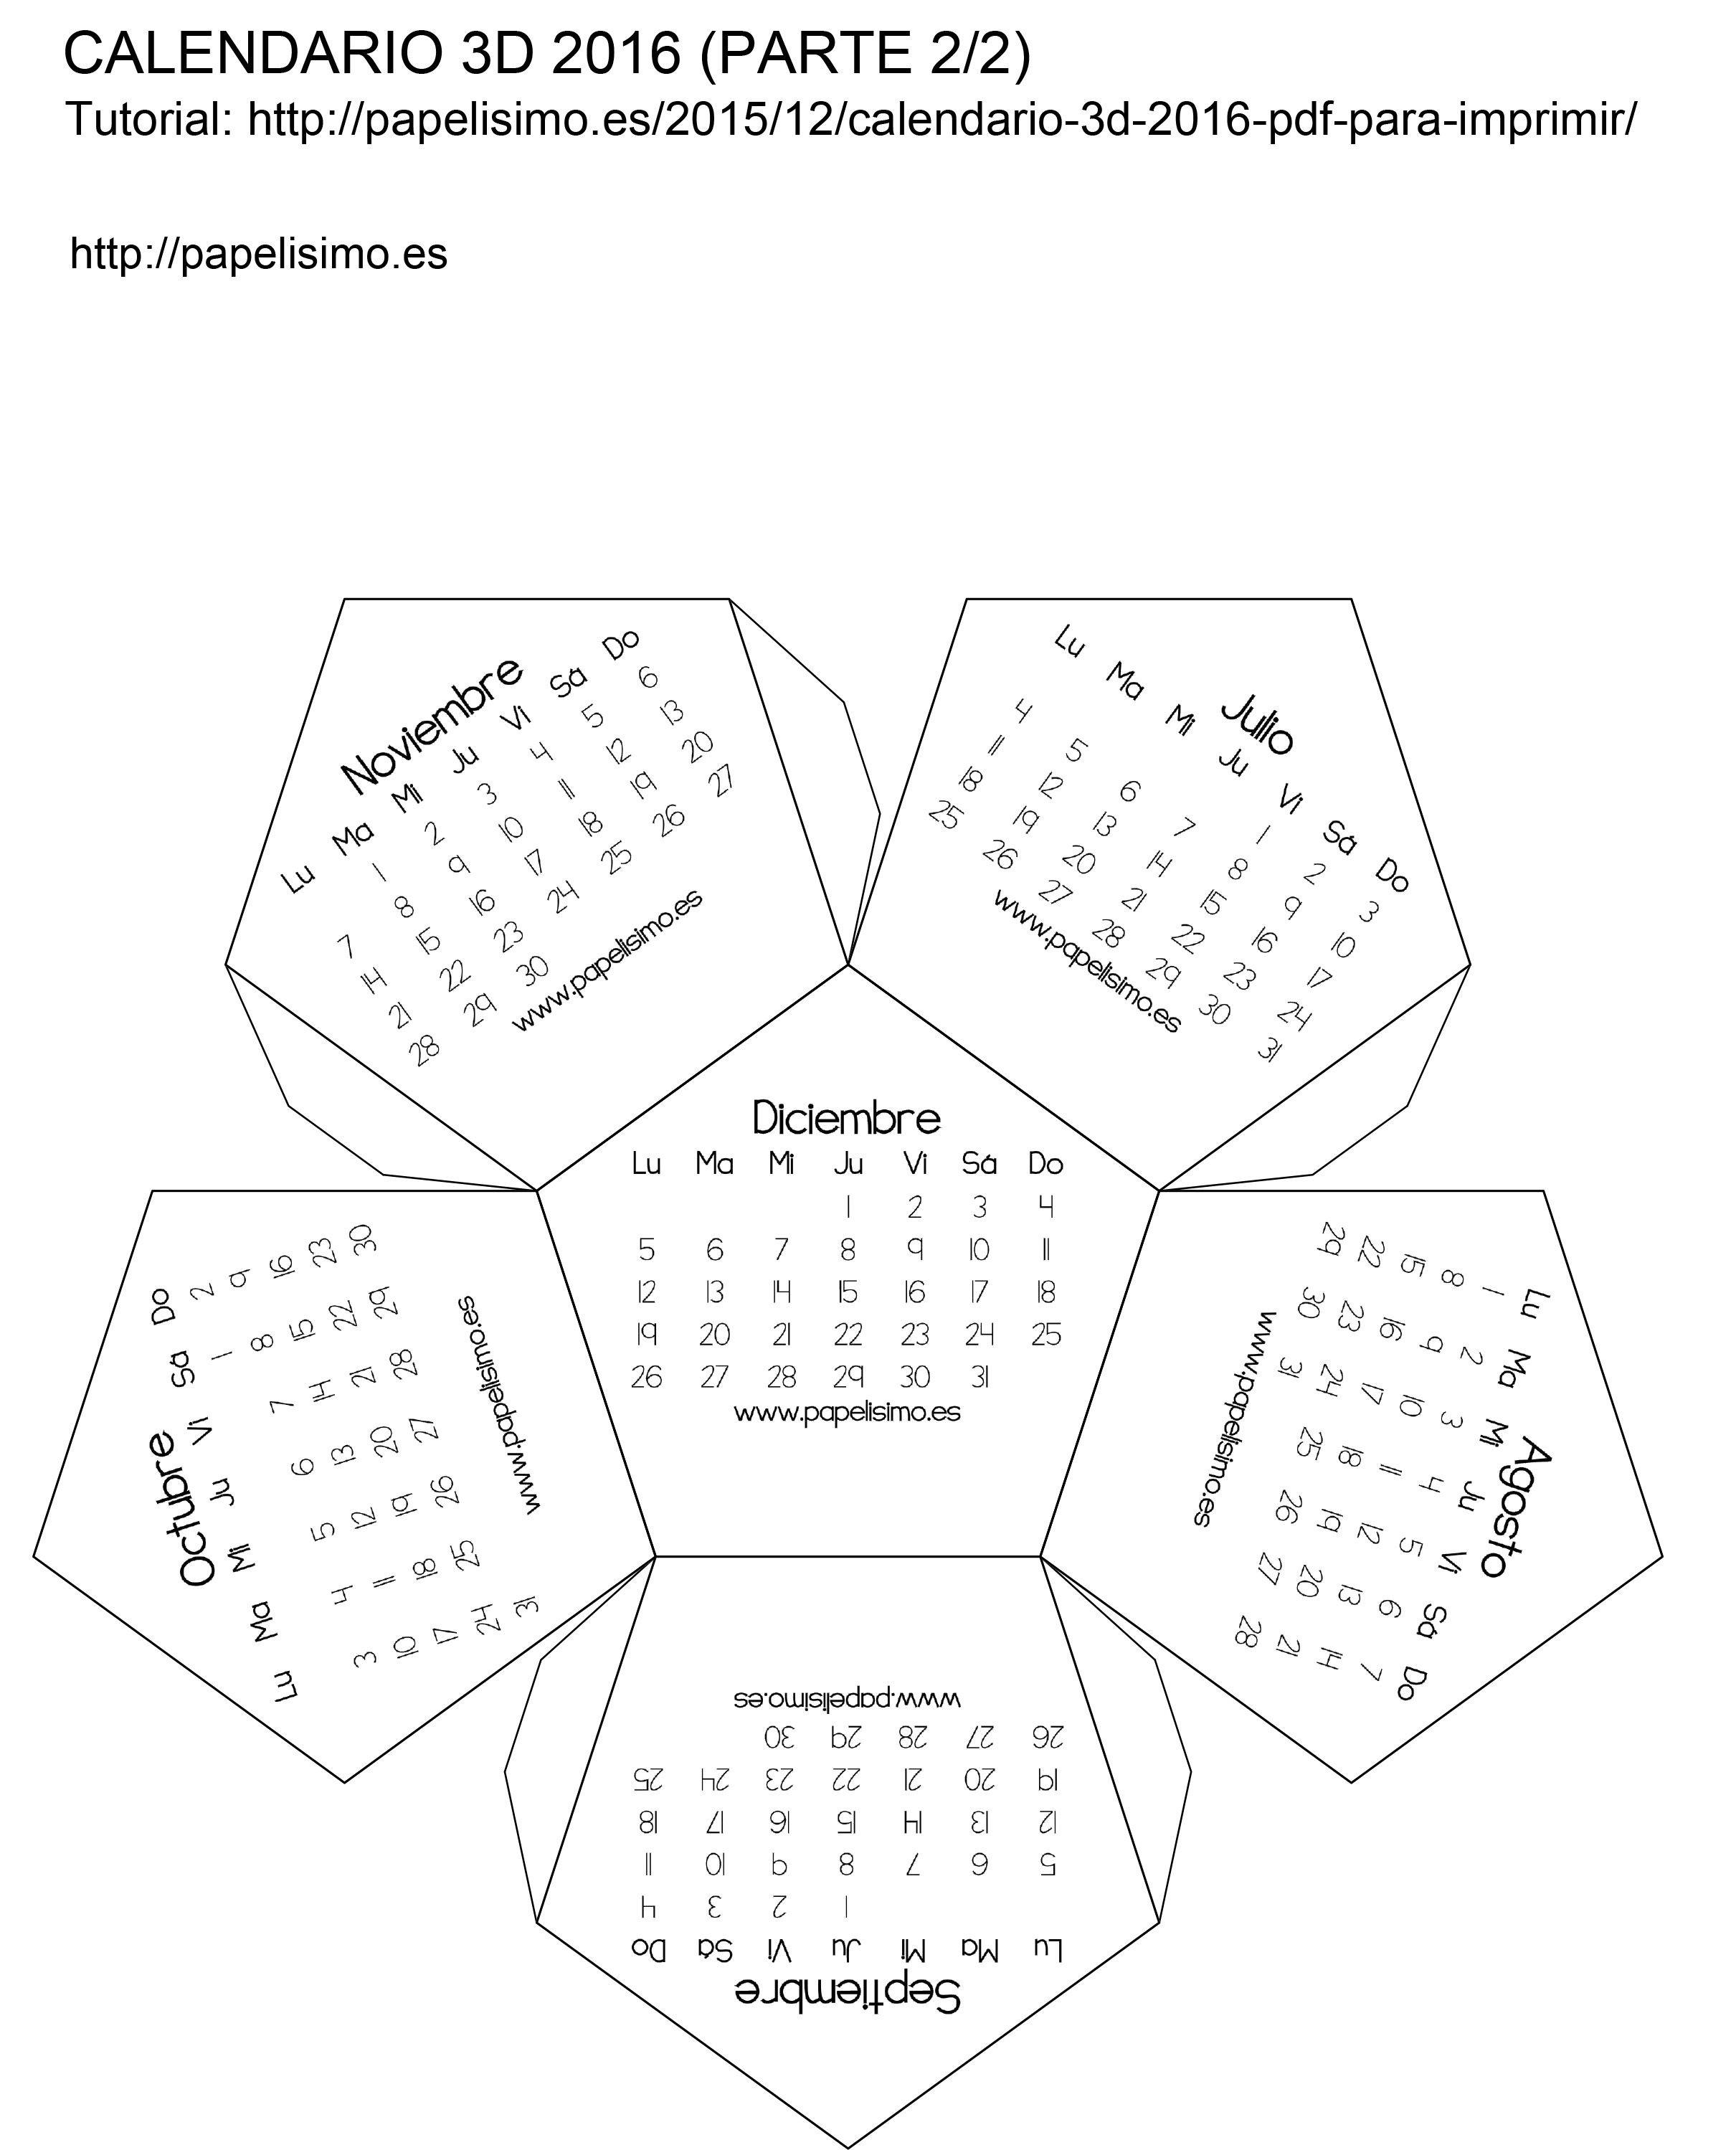 Imprimir Calendario Julio Agosto Y Septiembre 2019 Más Recientes 12 Calendarios De Descarga Gratis Calendarios 2016 Para Imprimir Of Imprimir Calendario Julio Agosto Y Septiembre 2019 Más Caliente Calendario Agosto 2018 Para Imprimir Icalendario